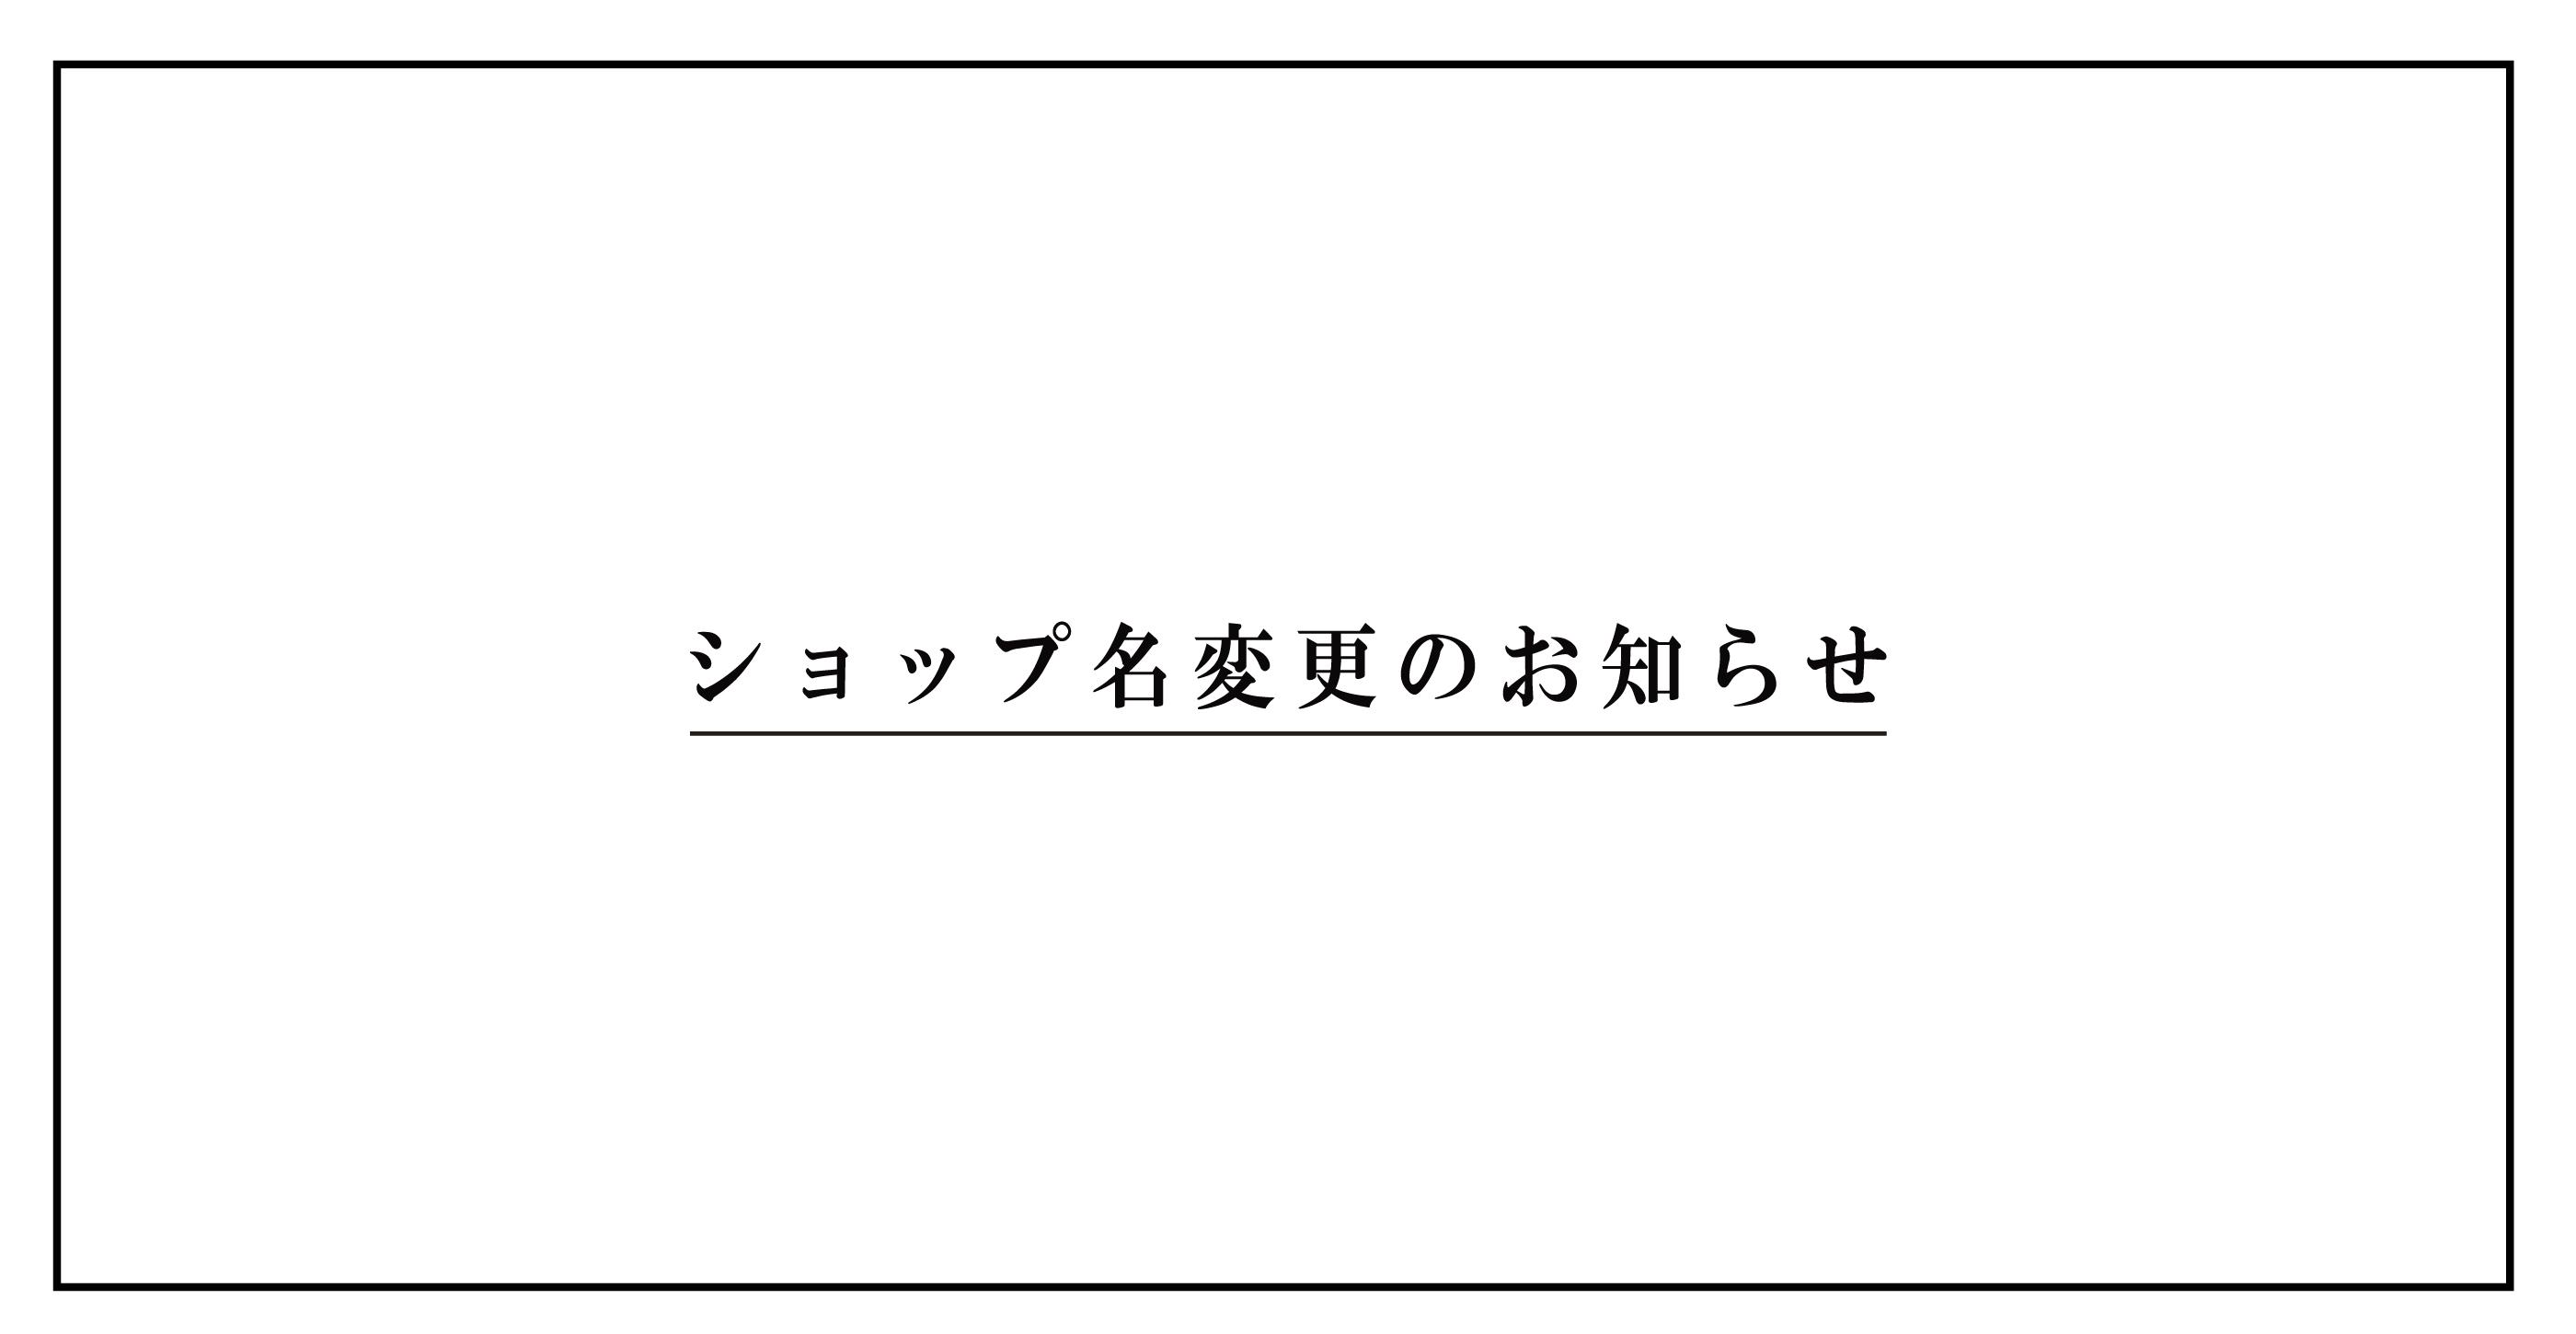 ショップ名変更のお知らせ